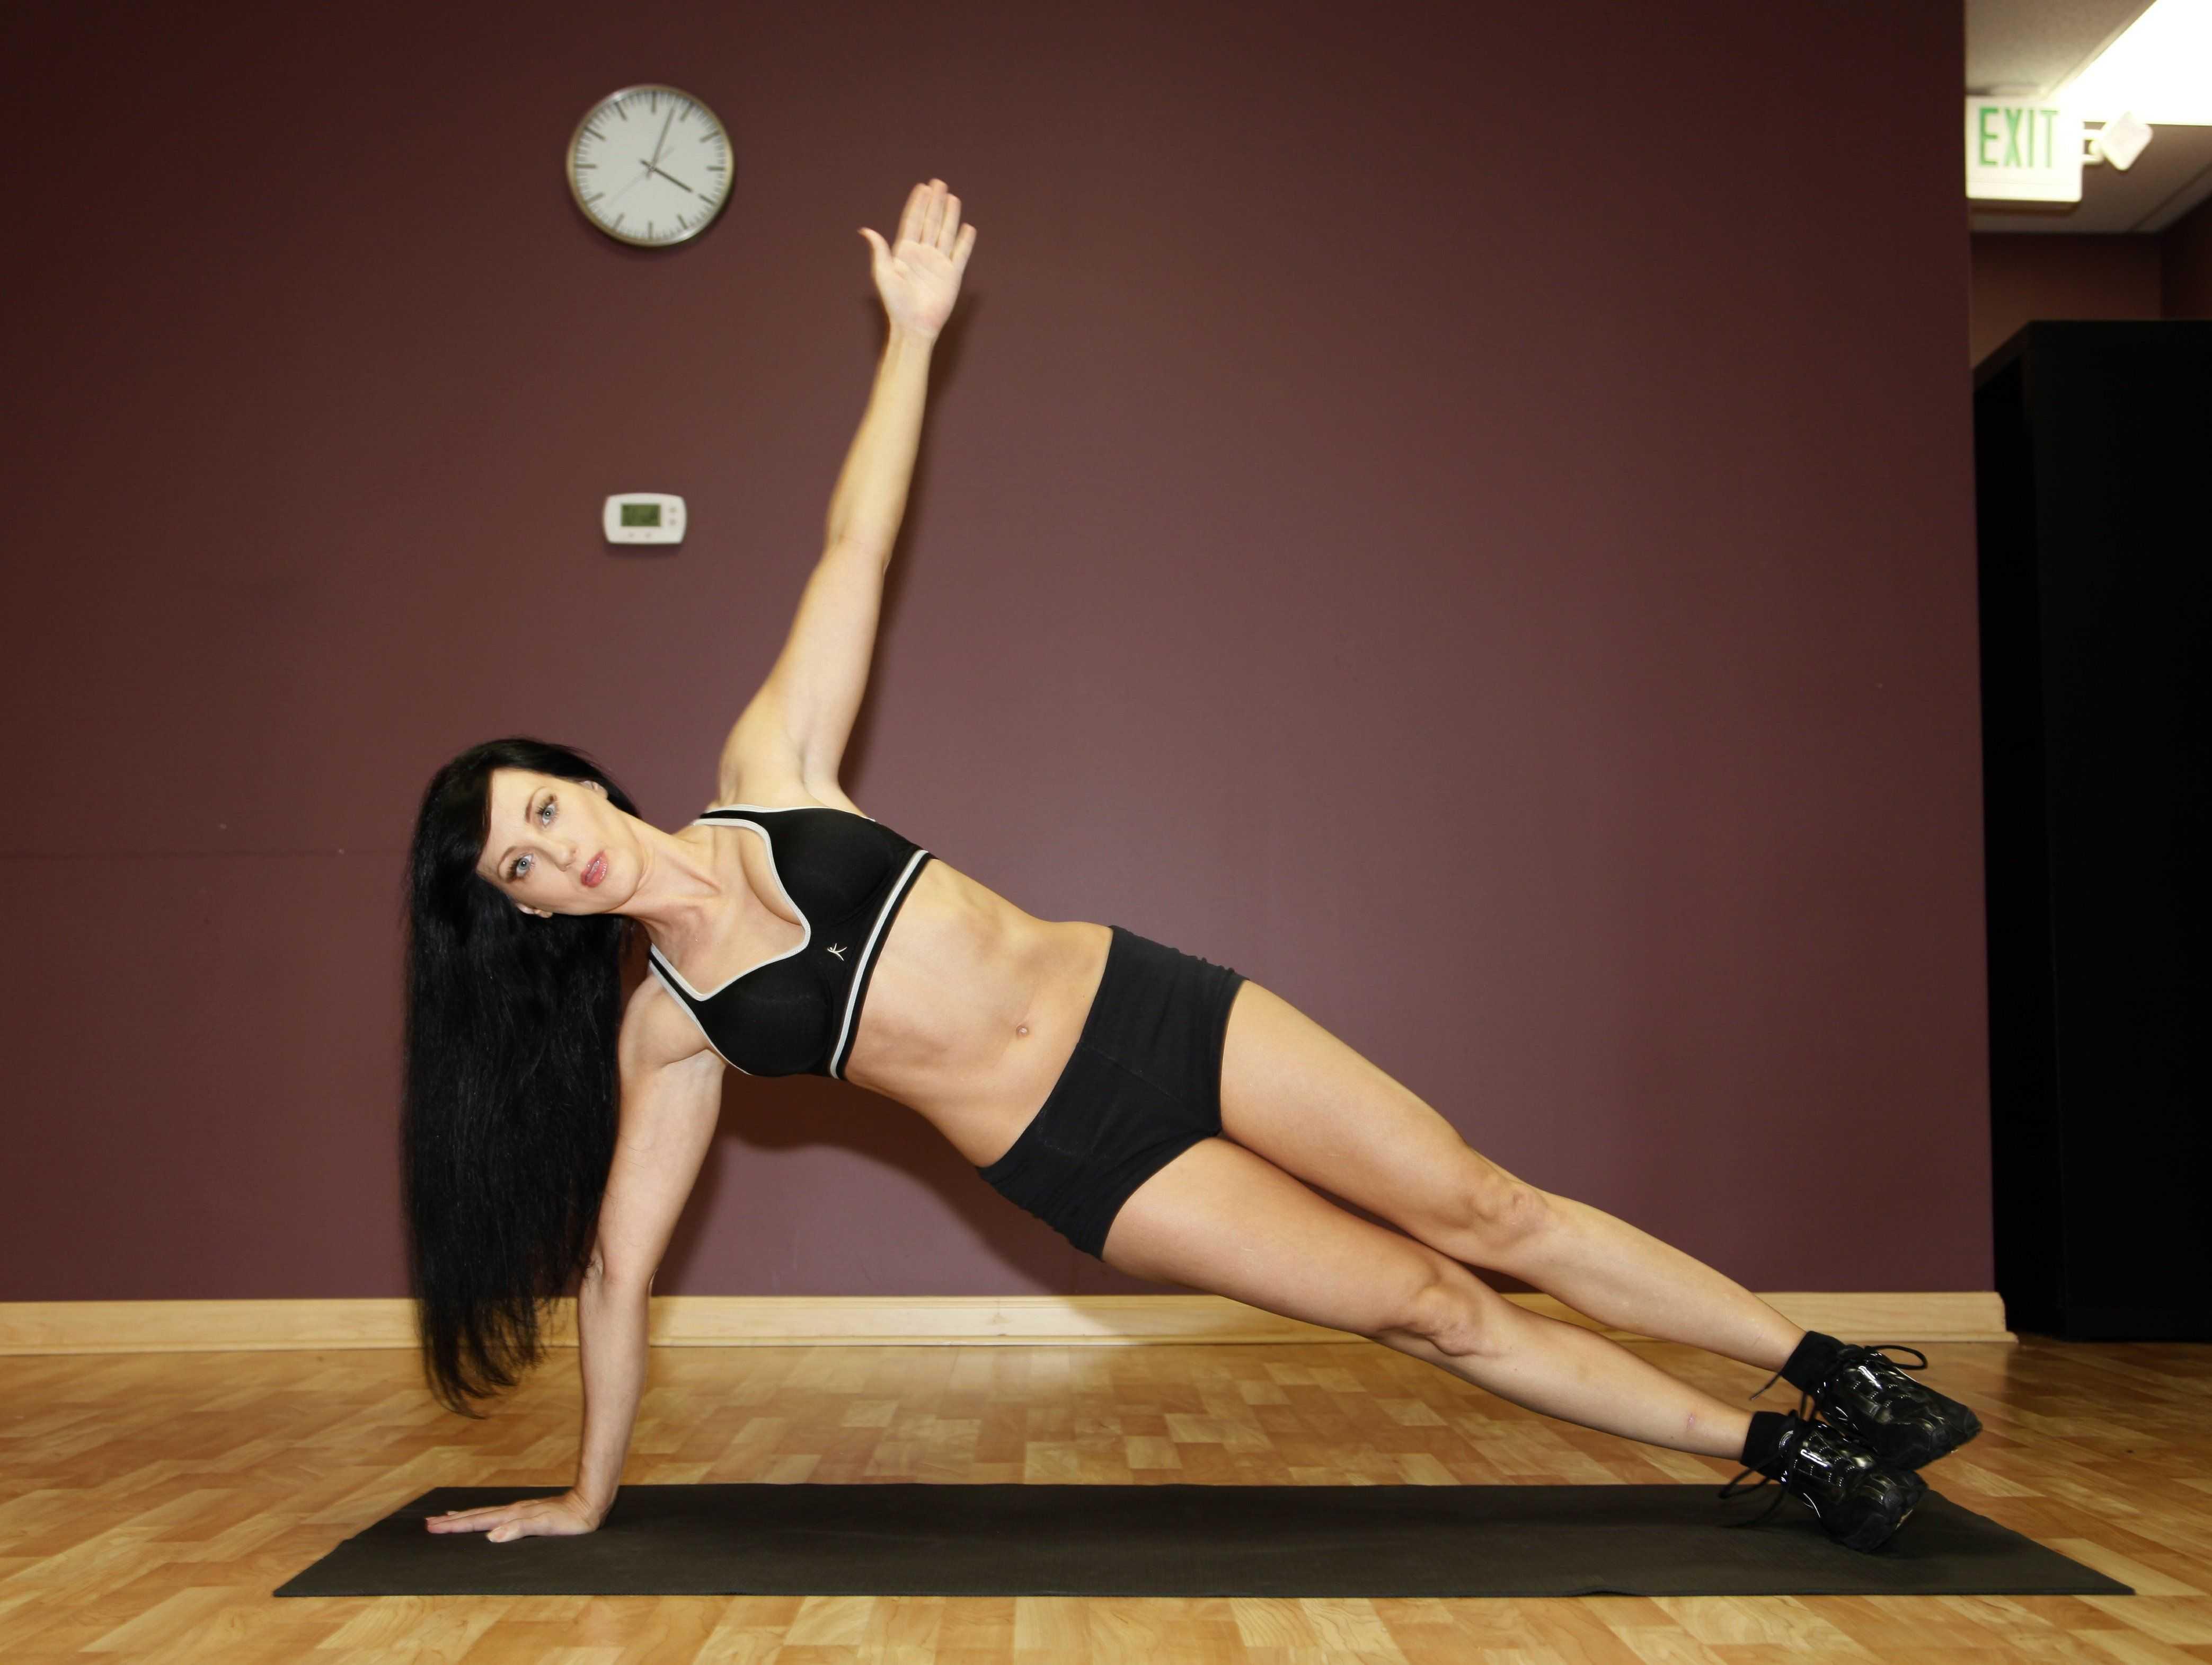 Изометрические упражнения: польза и вред